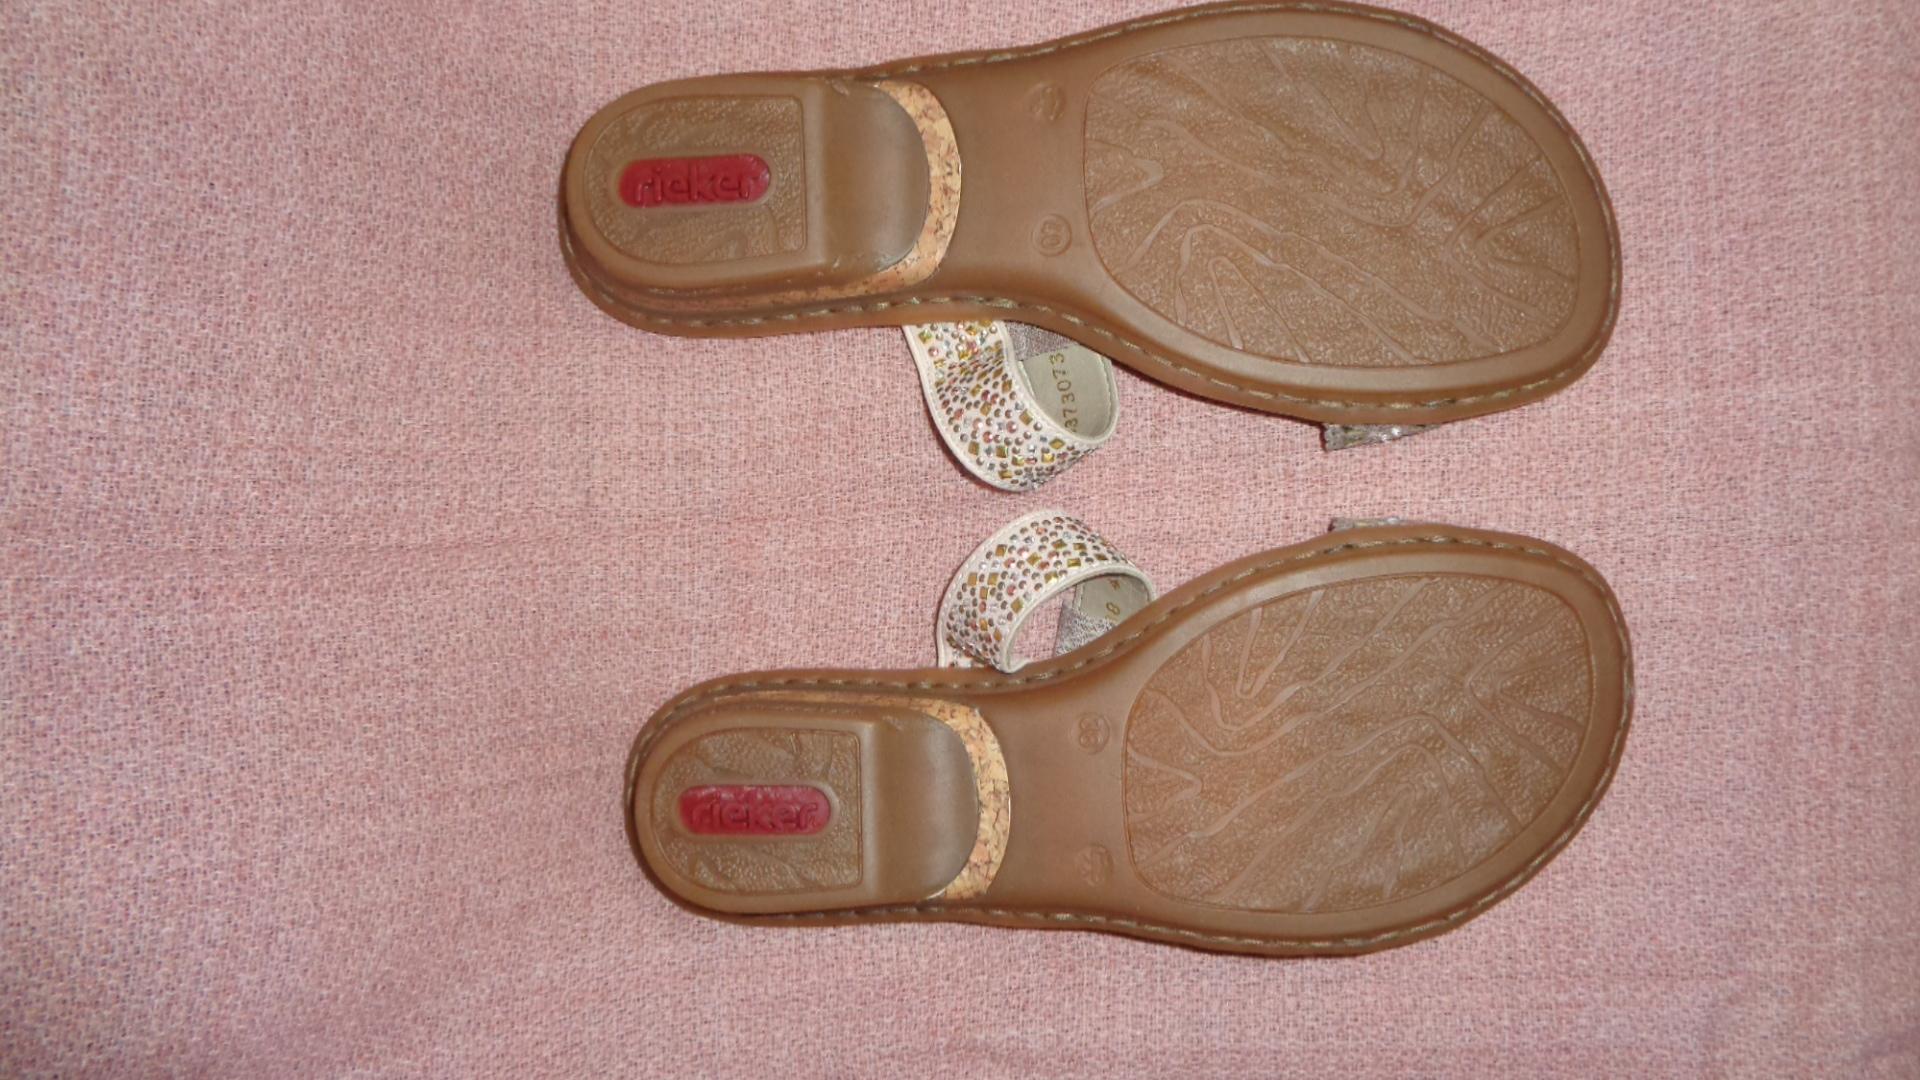 Bild Nummer 2 von Sandale - Rieker rosa gold